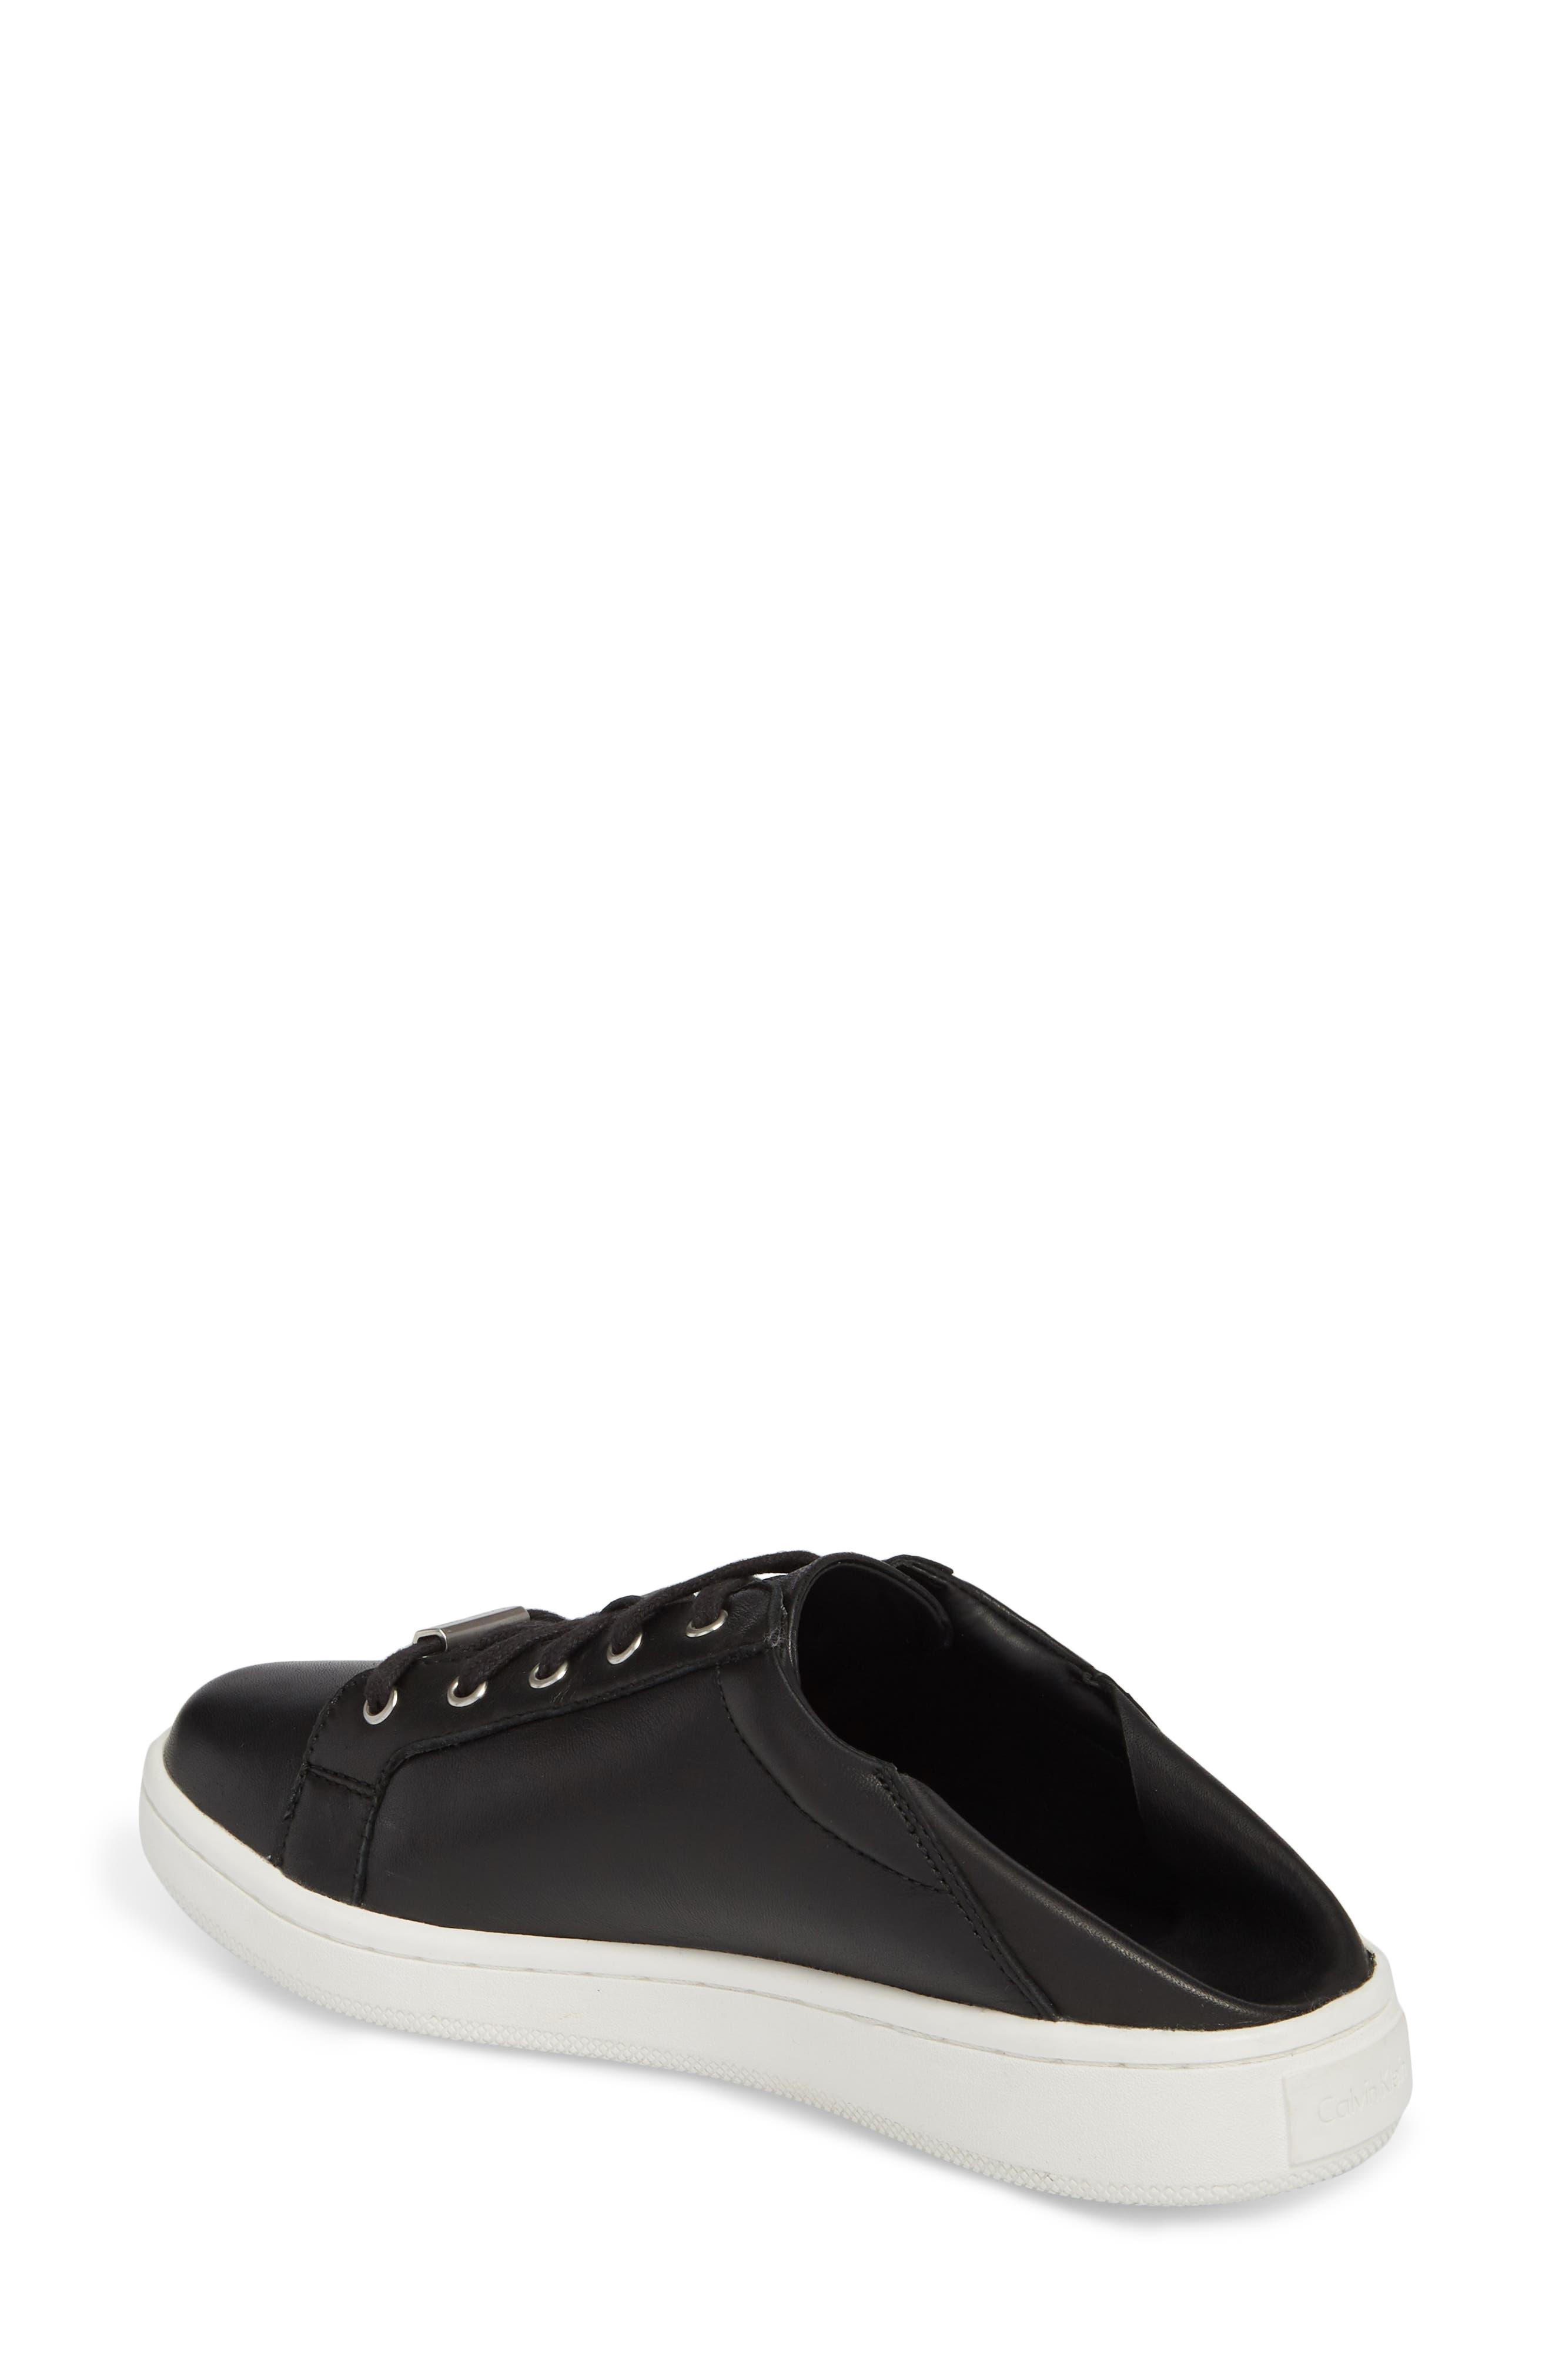 Danica Convertible Sneaker,                             Alternate thumbnail 3, color,                             004